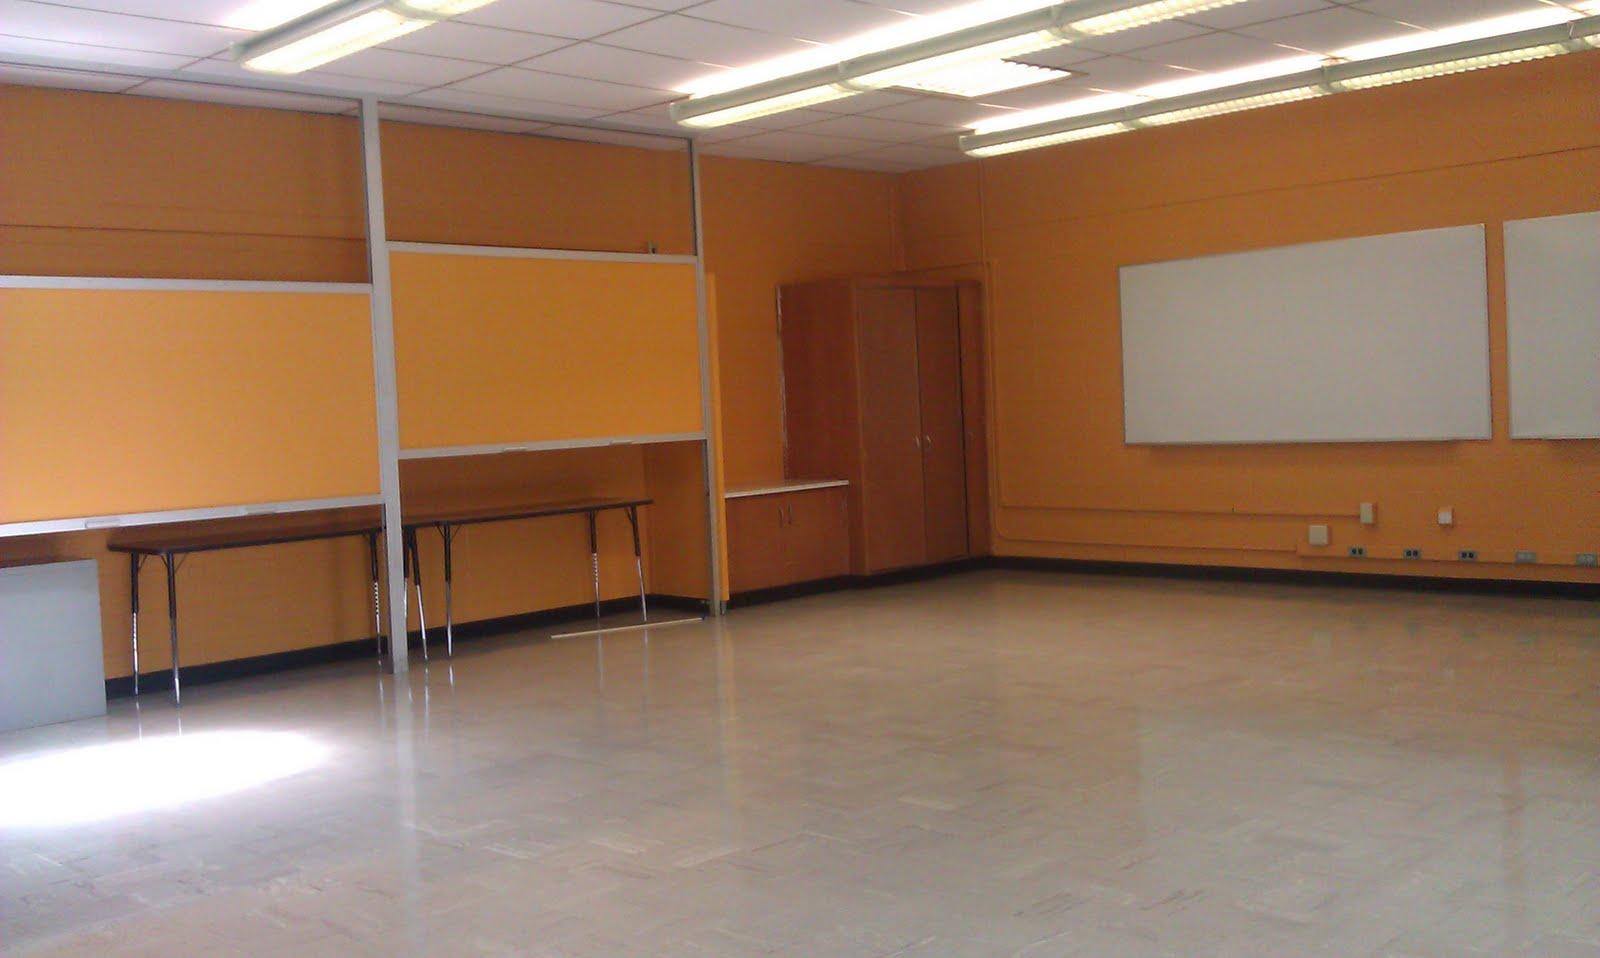 johnson s jungle classroom pictures so far